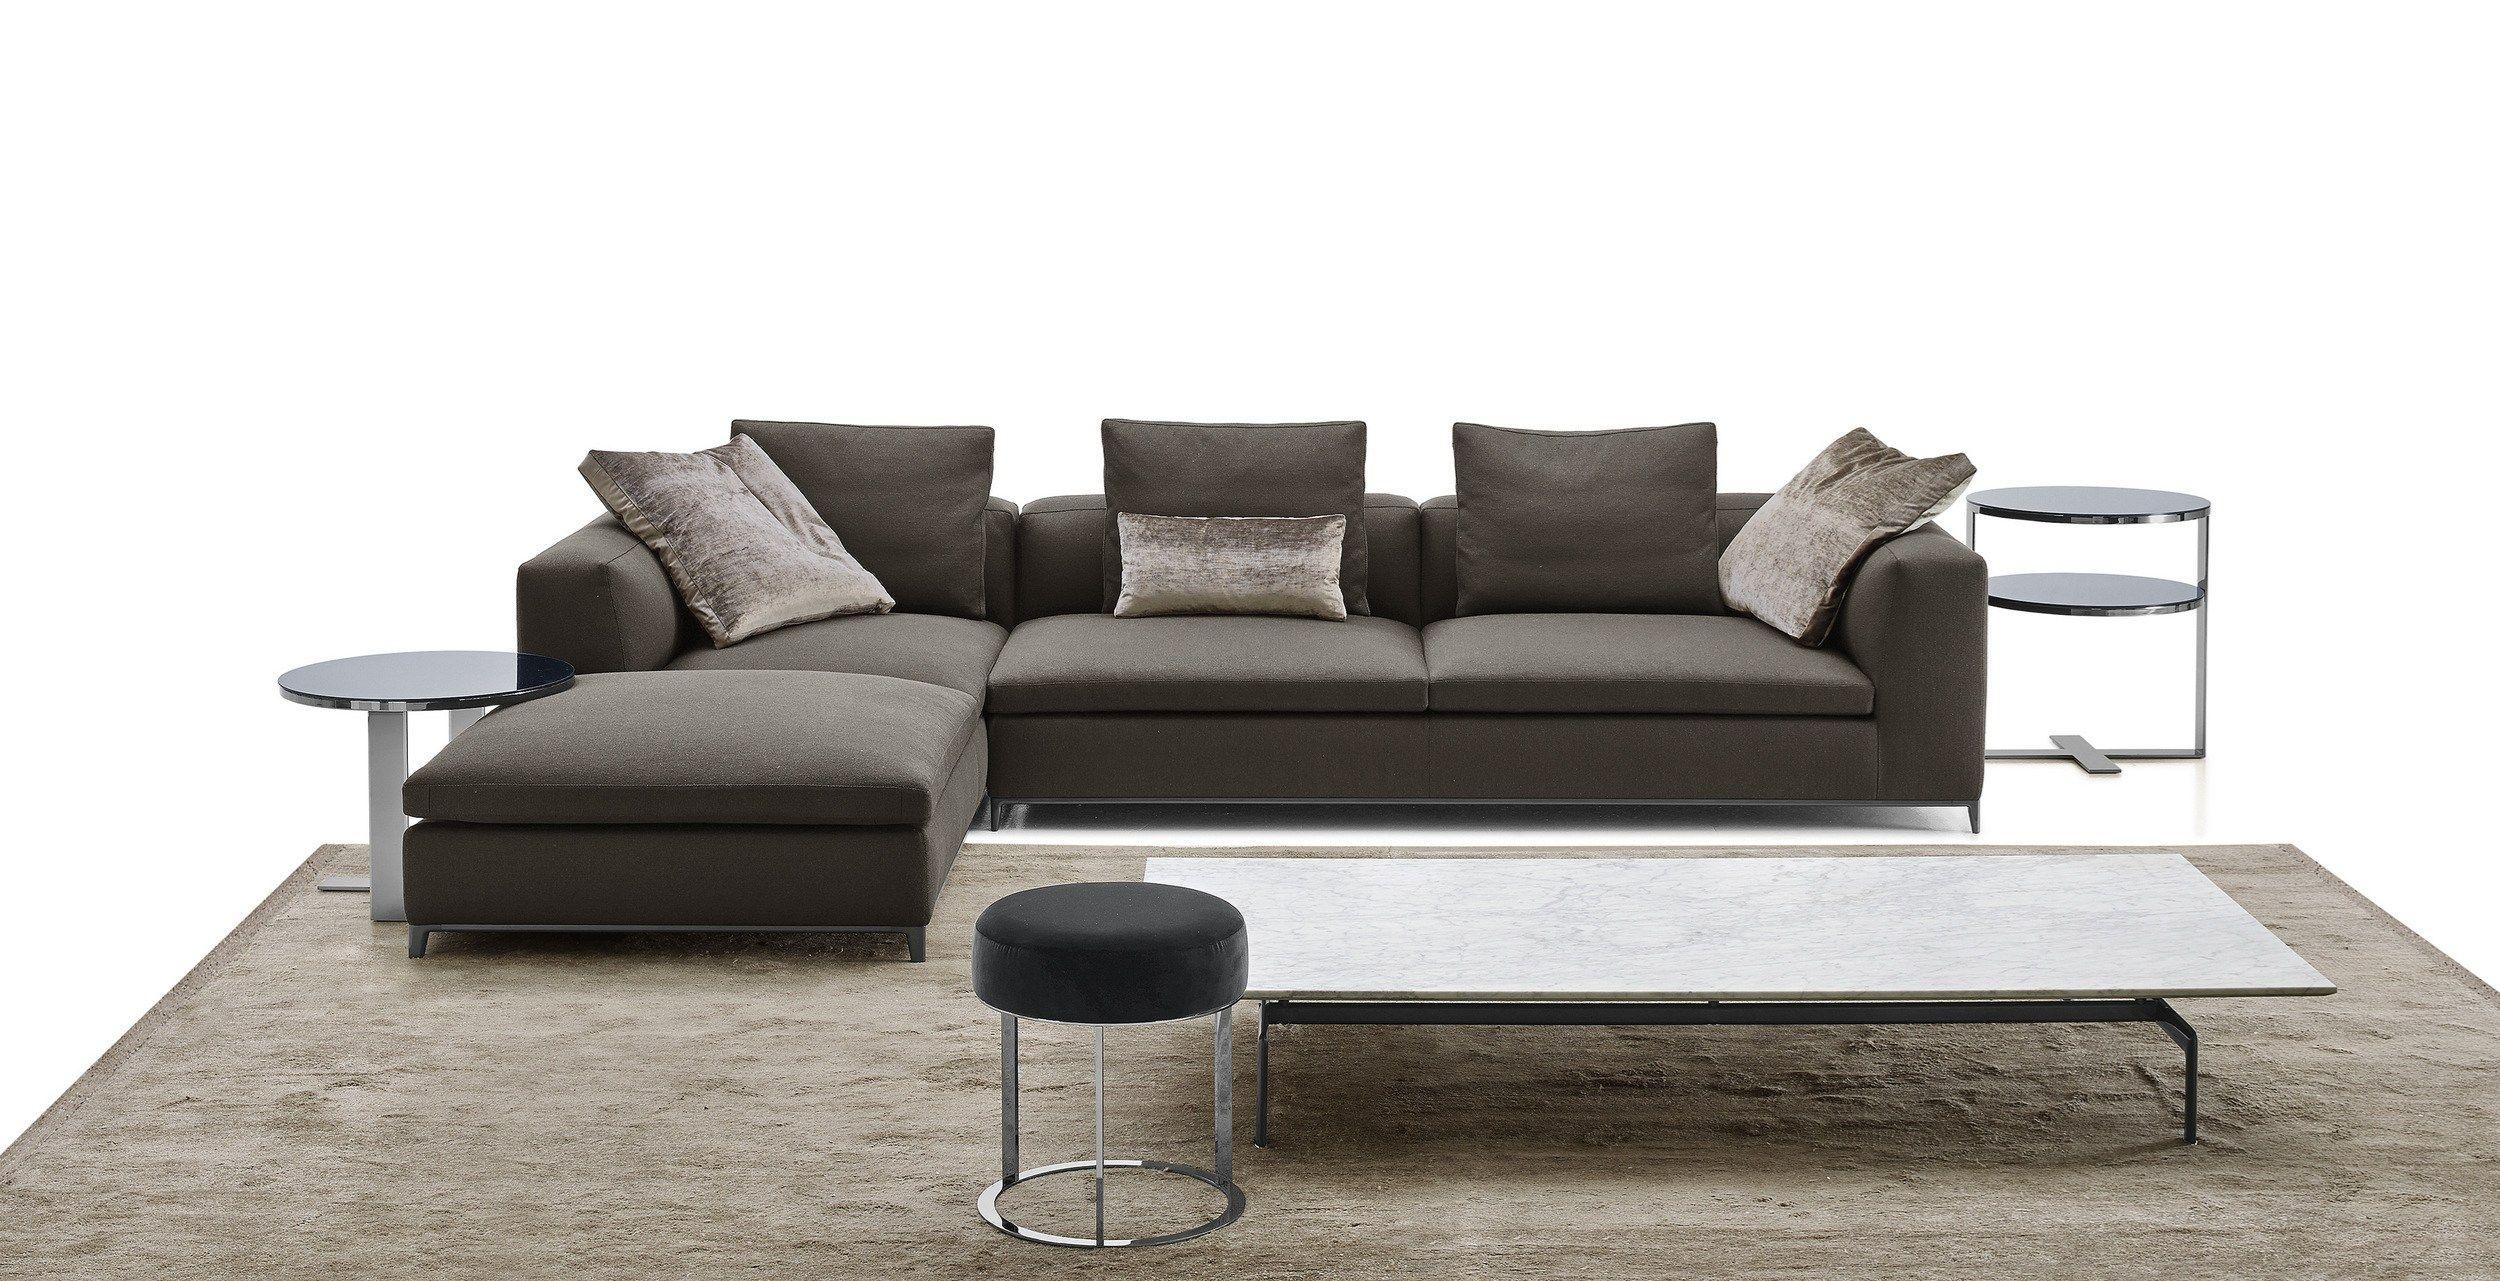 Divano angolare componibile in tessuto michel club by b b - Prodotti per pulire il divano in tessuto ...